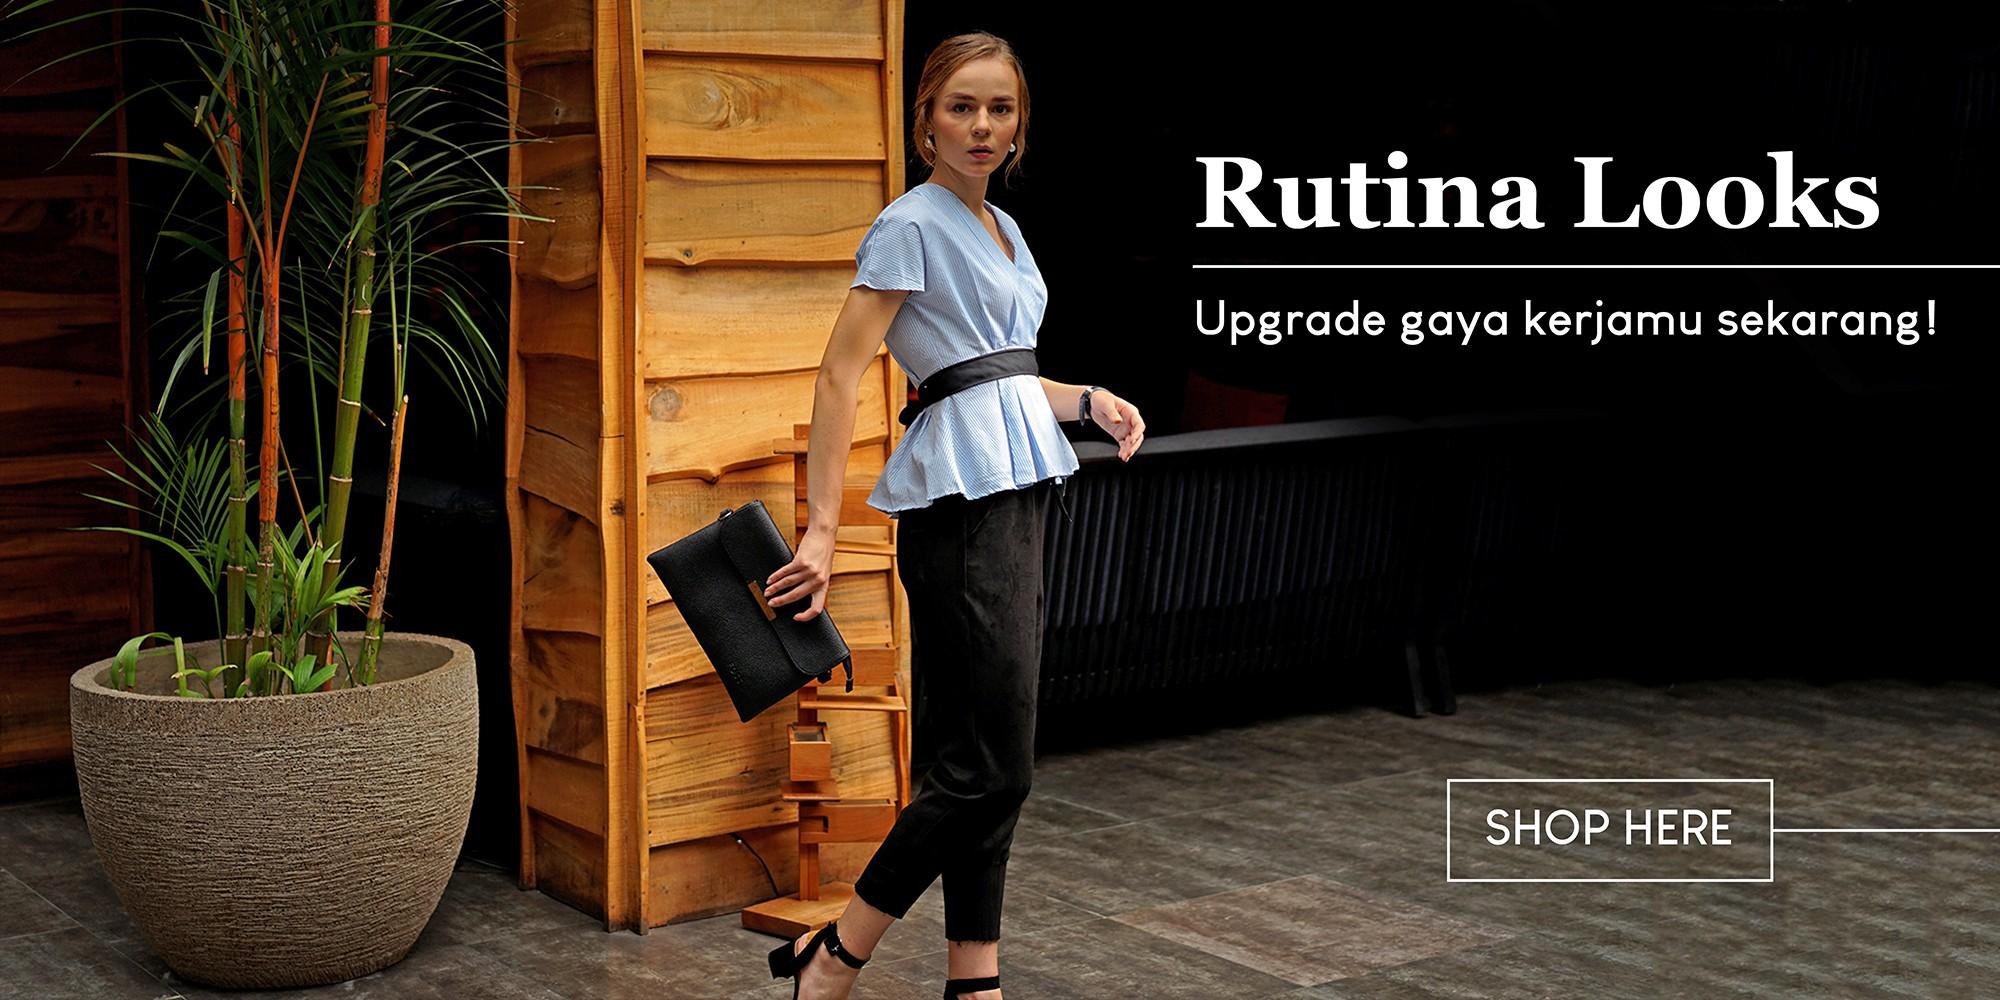 Rutina Looks